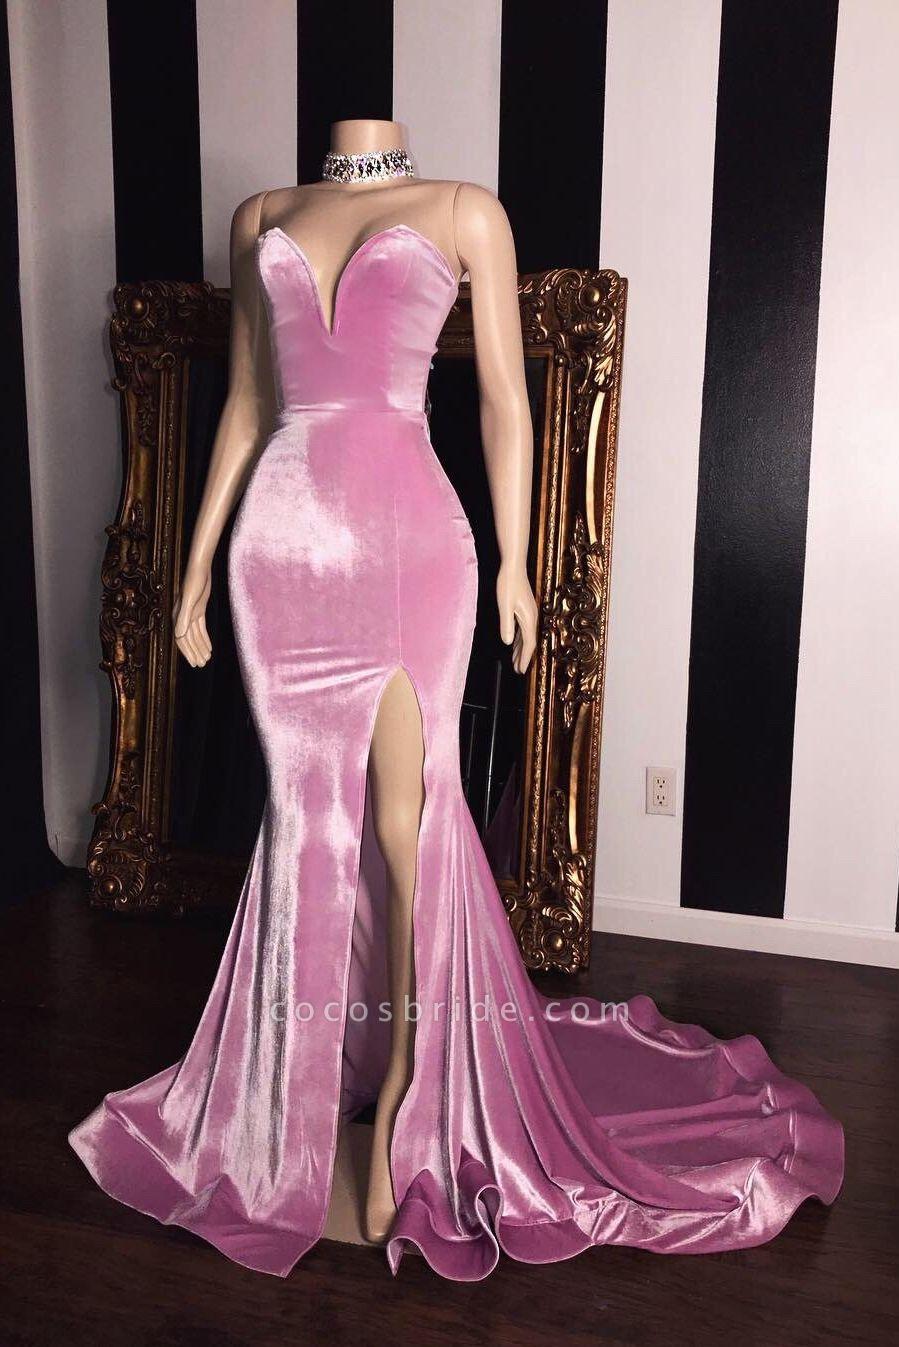 Pink Velvet Sweetheart Prom Dresses | Elegant Side Slit Mermaid Long Evening Gowns